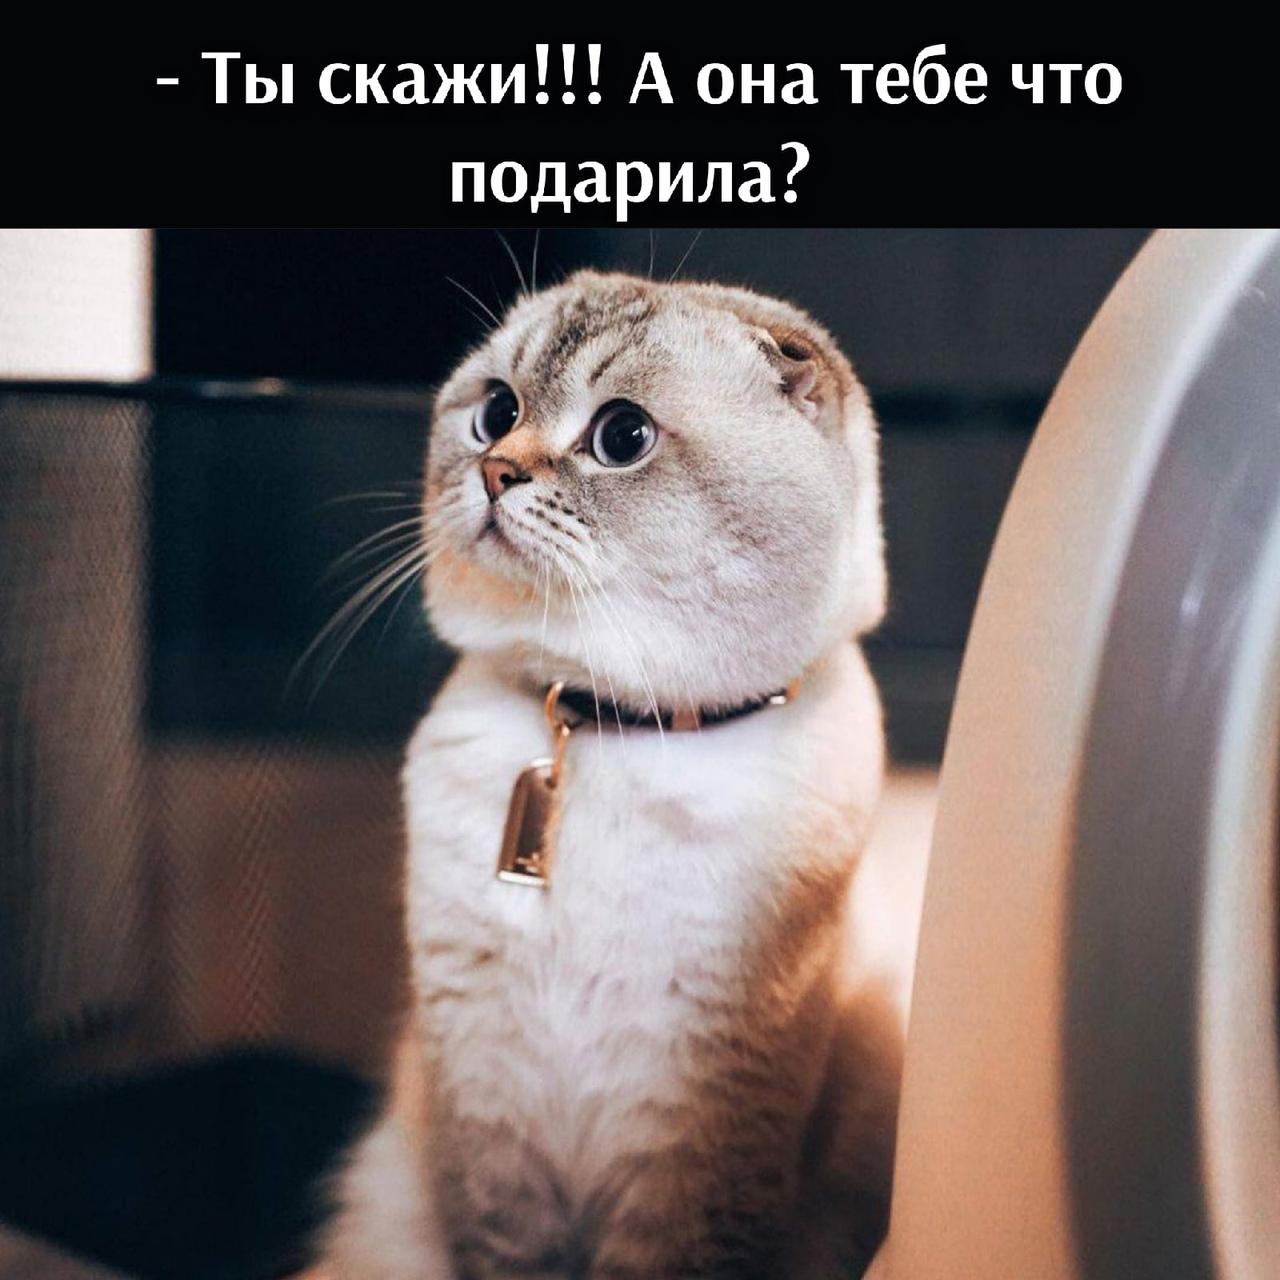 - Барсик, и что